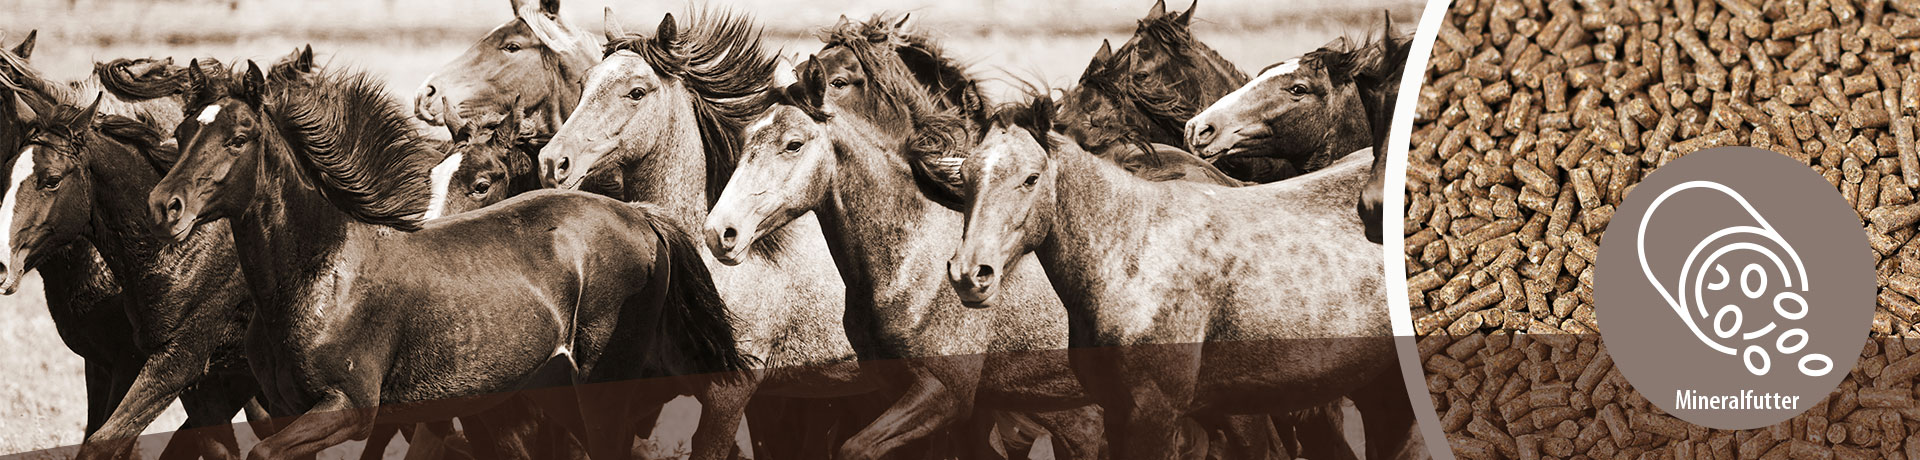 Pferd - Unterkategorie - Mineralfutter